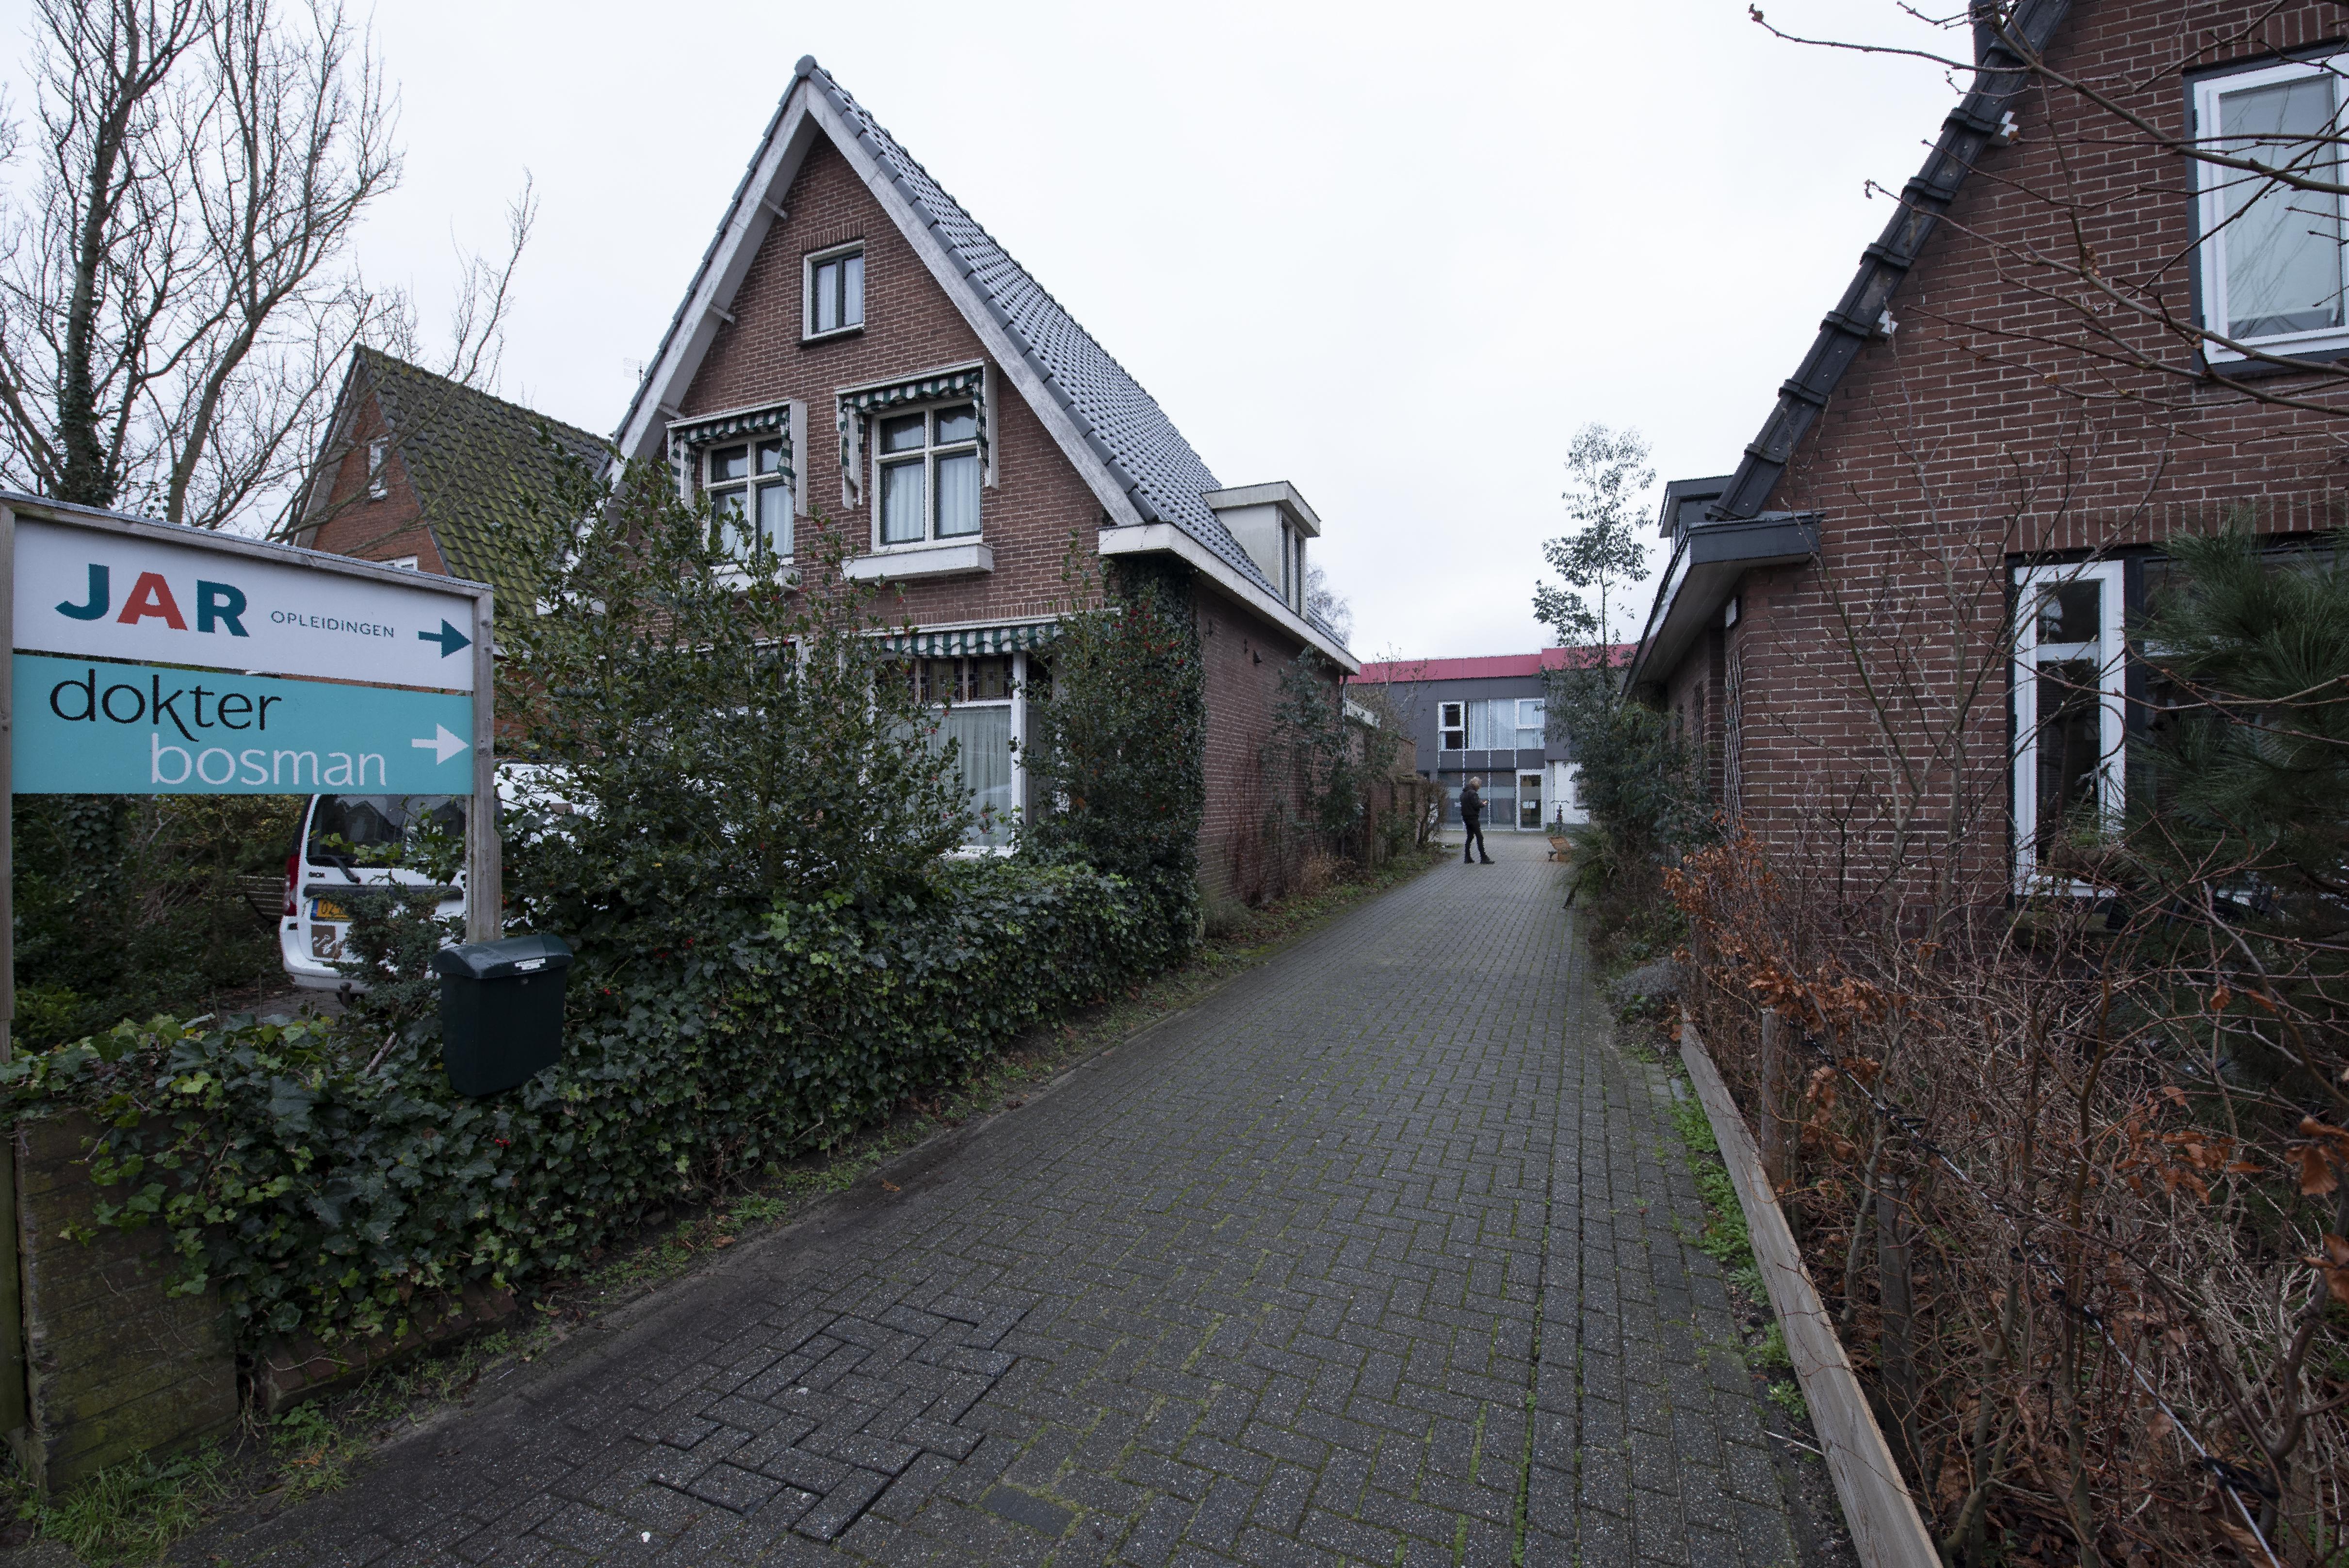 Rechter neemt verkeersdrukte bij 'Dokter Bosman'-polikliniek in Castricum onder de loep: 'wellicht te veel lawaai door auto's bezoekers'